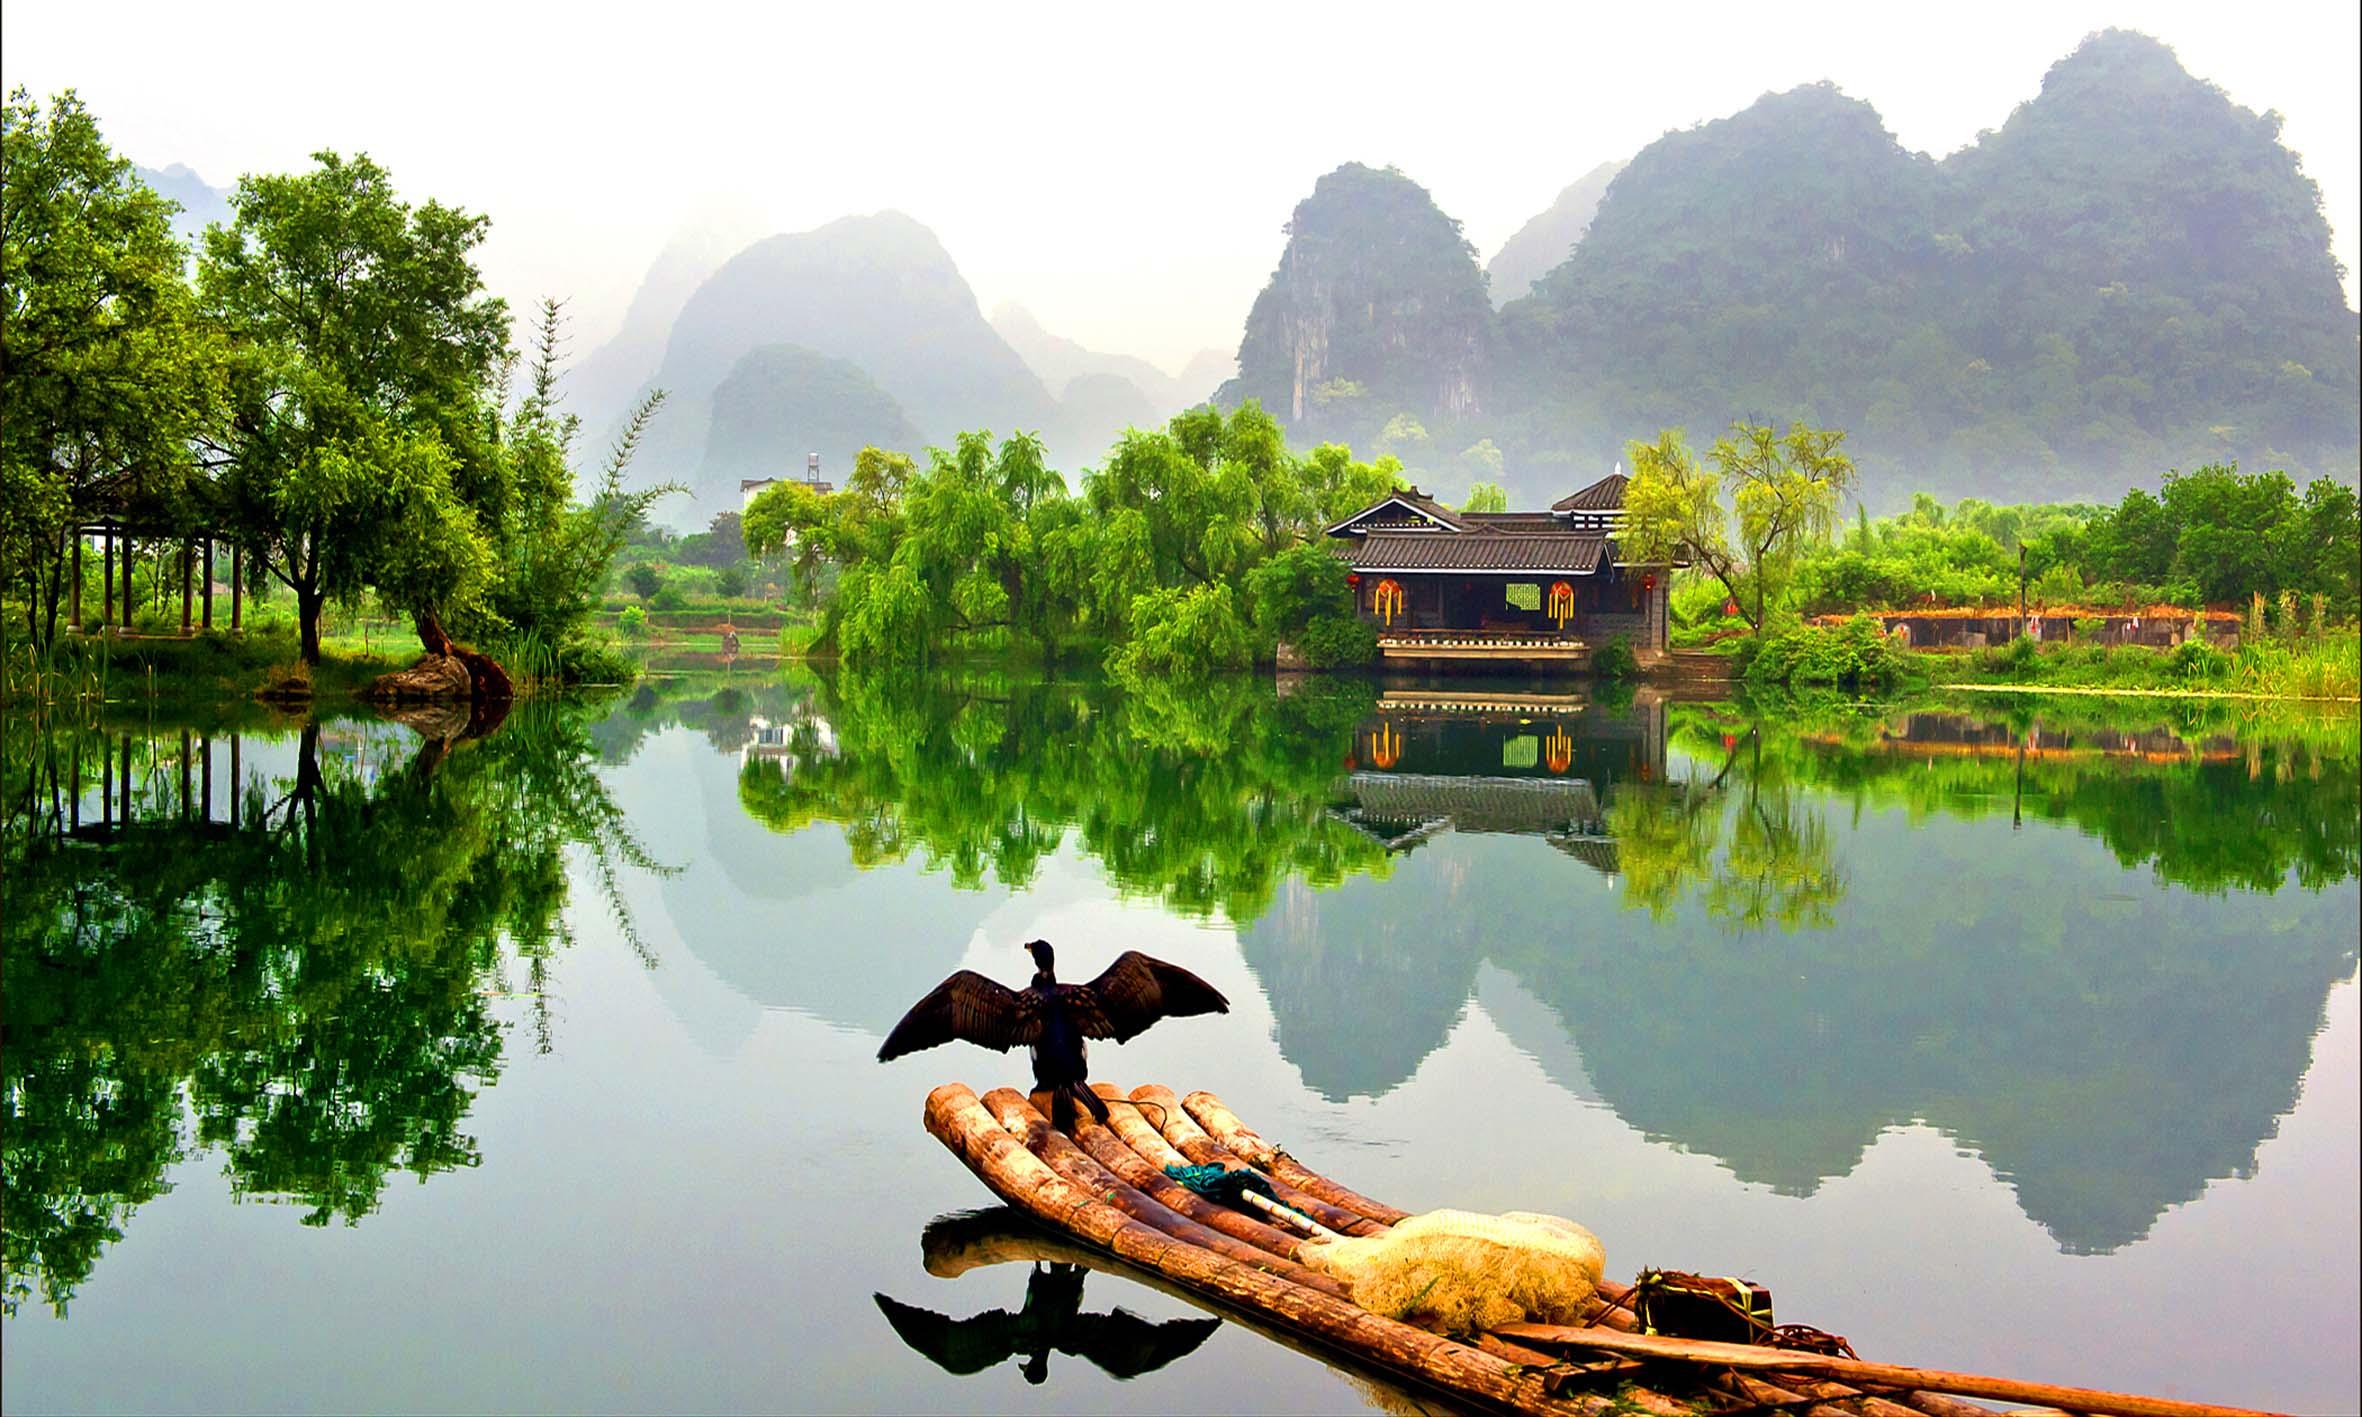 桂林桃花源風景區